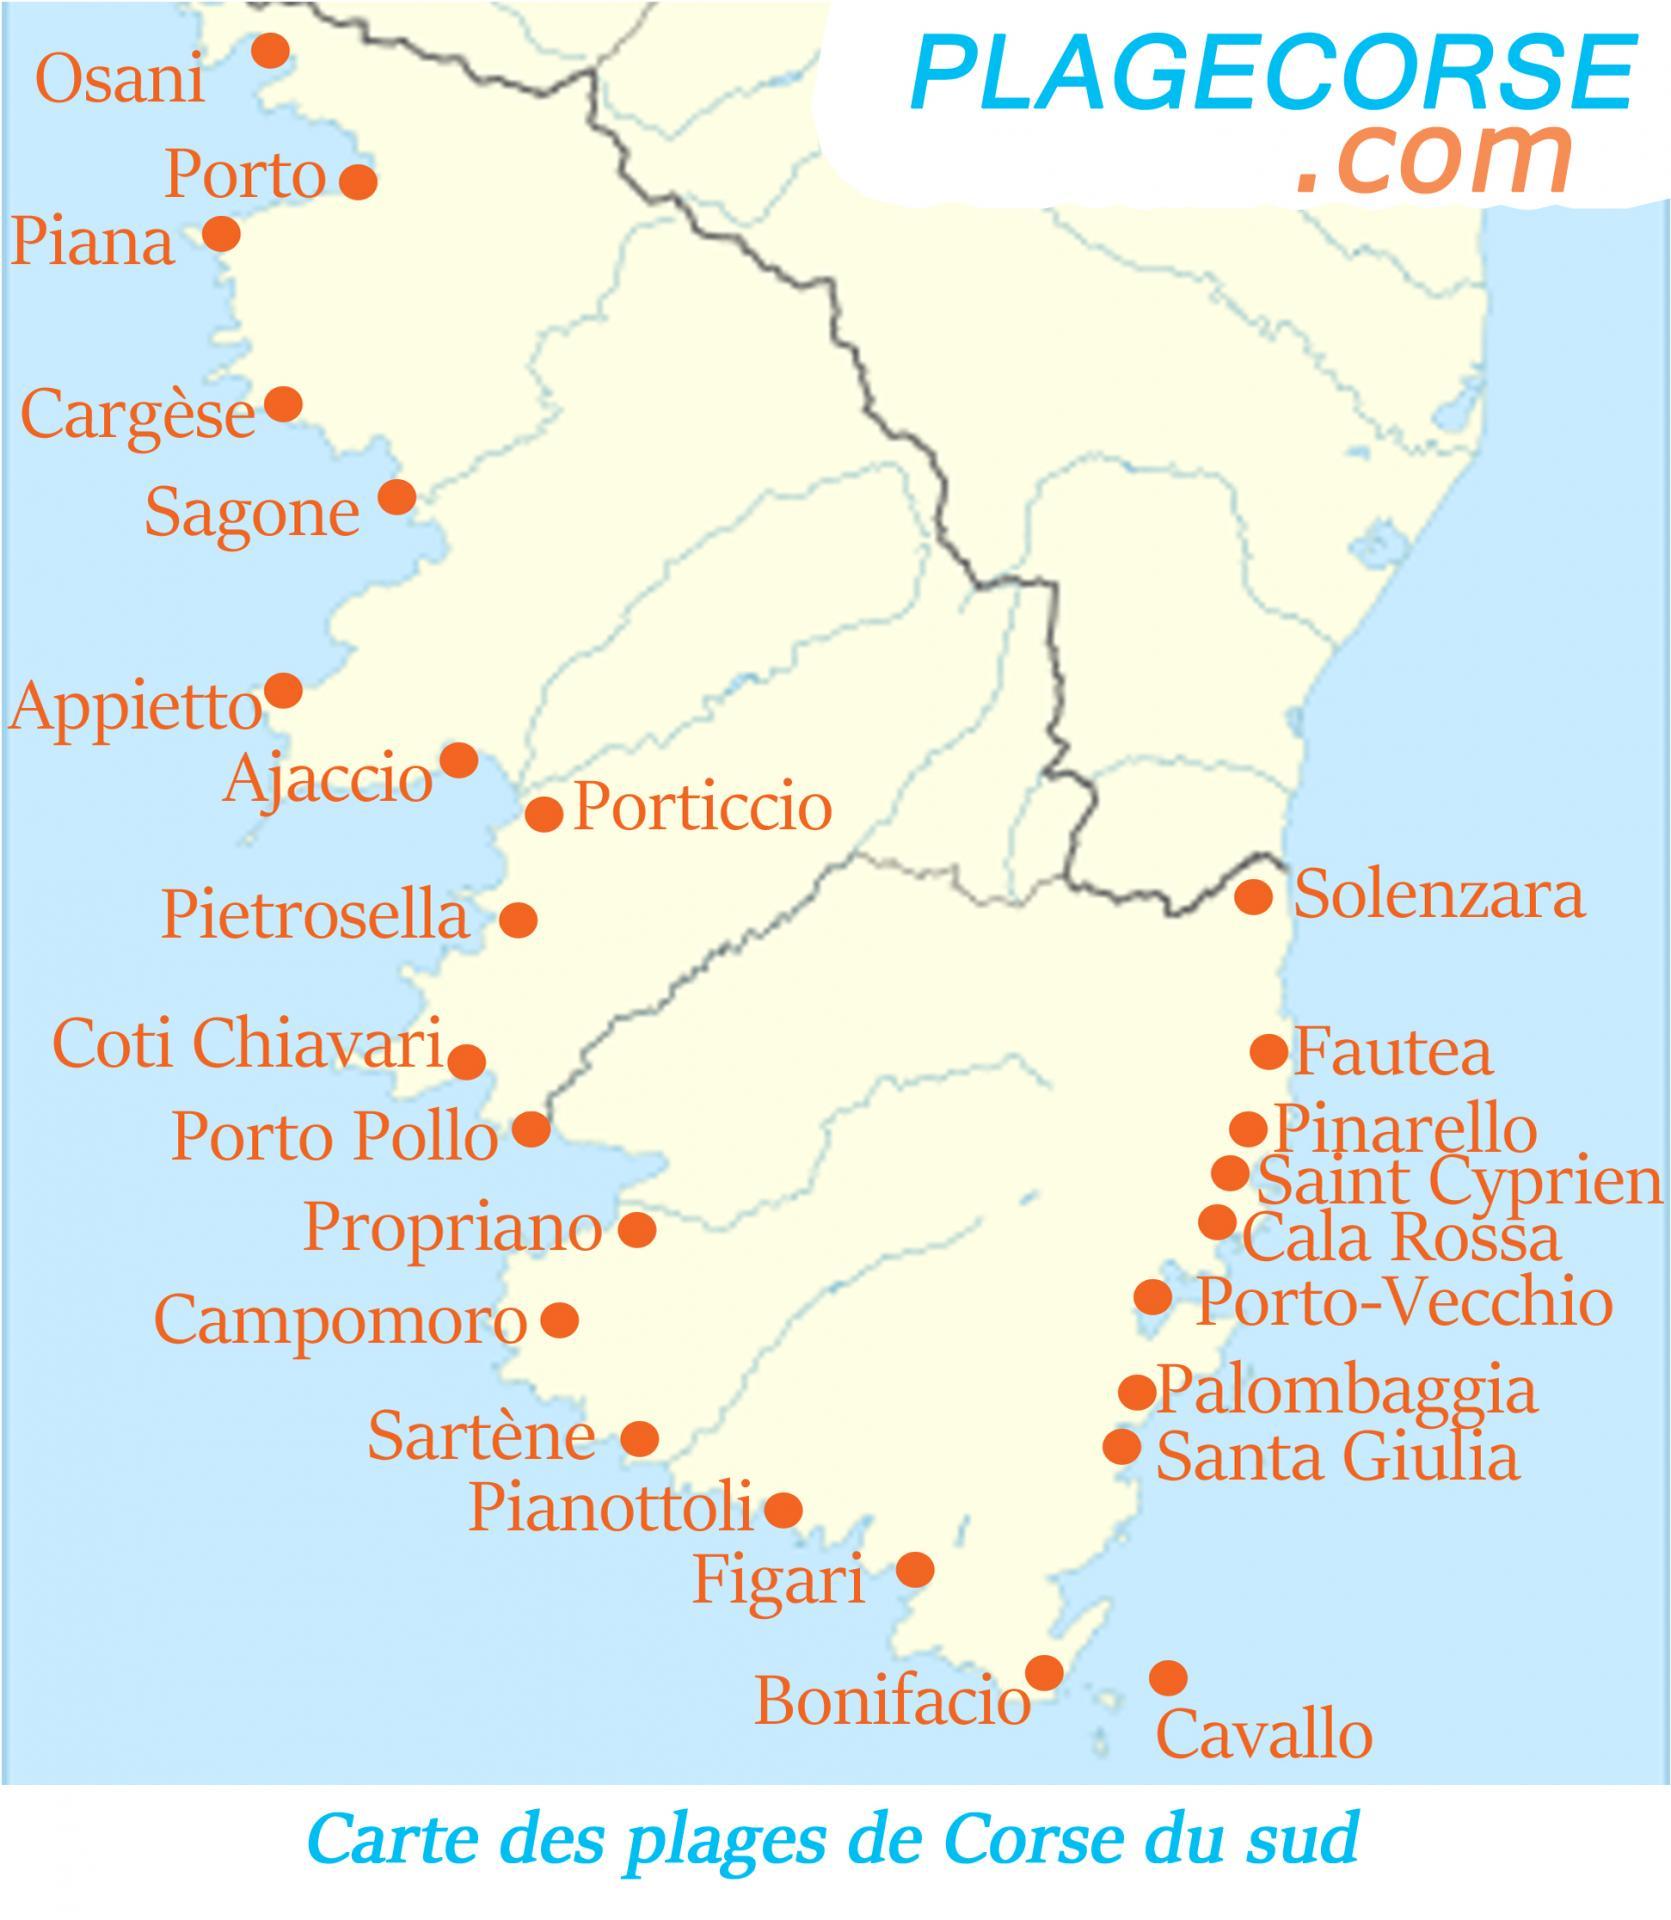 Carte plages corse du sud